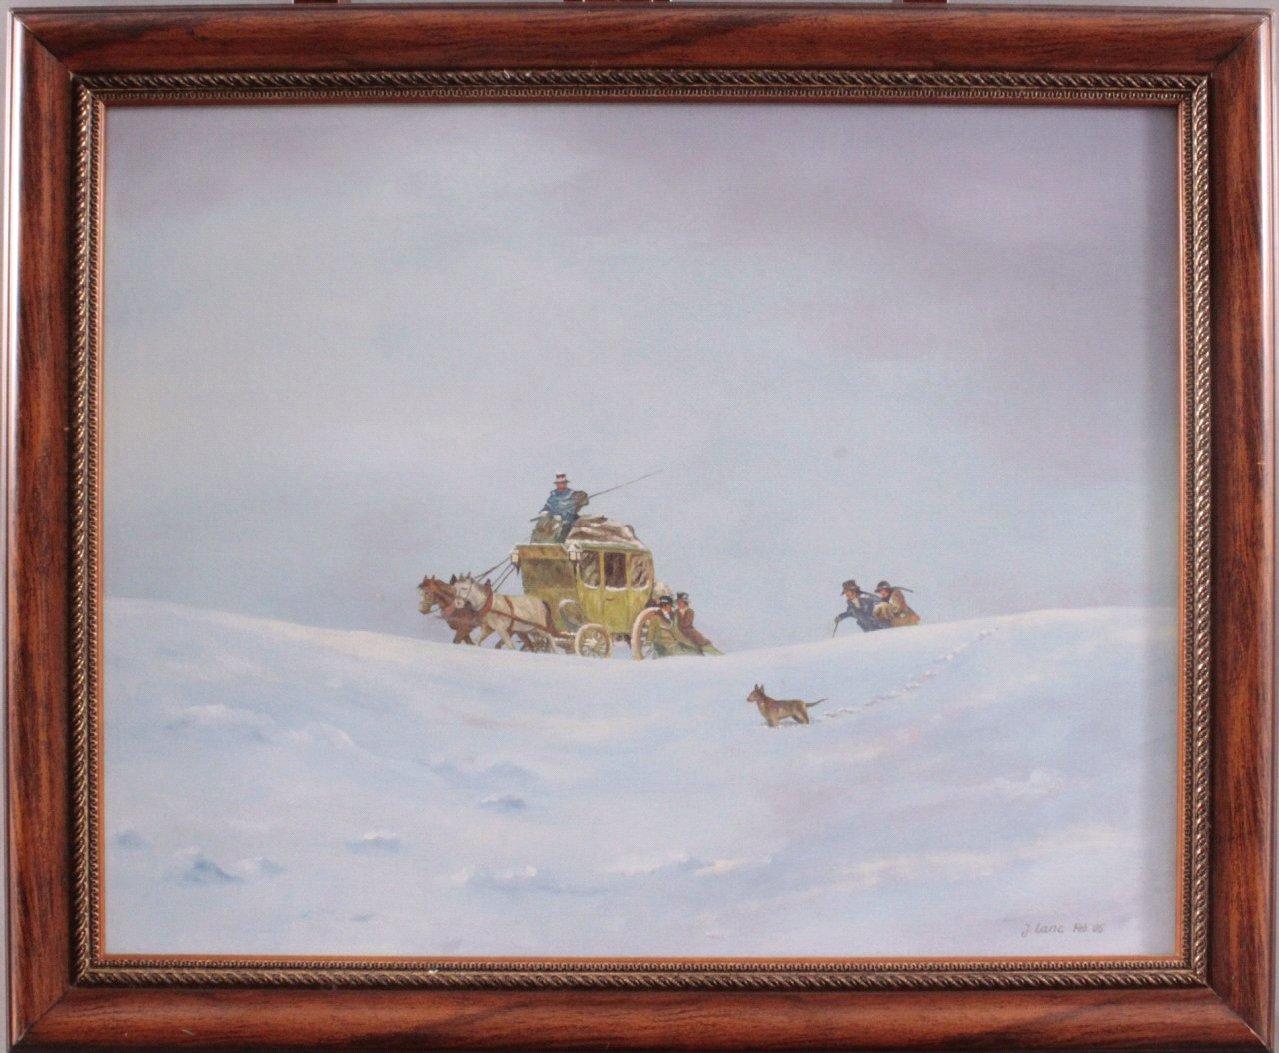 Janusz Lanc geboren 1946 in Polen,  Winterlandschaft